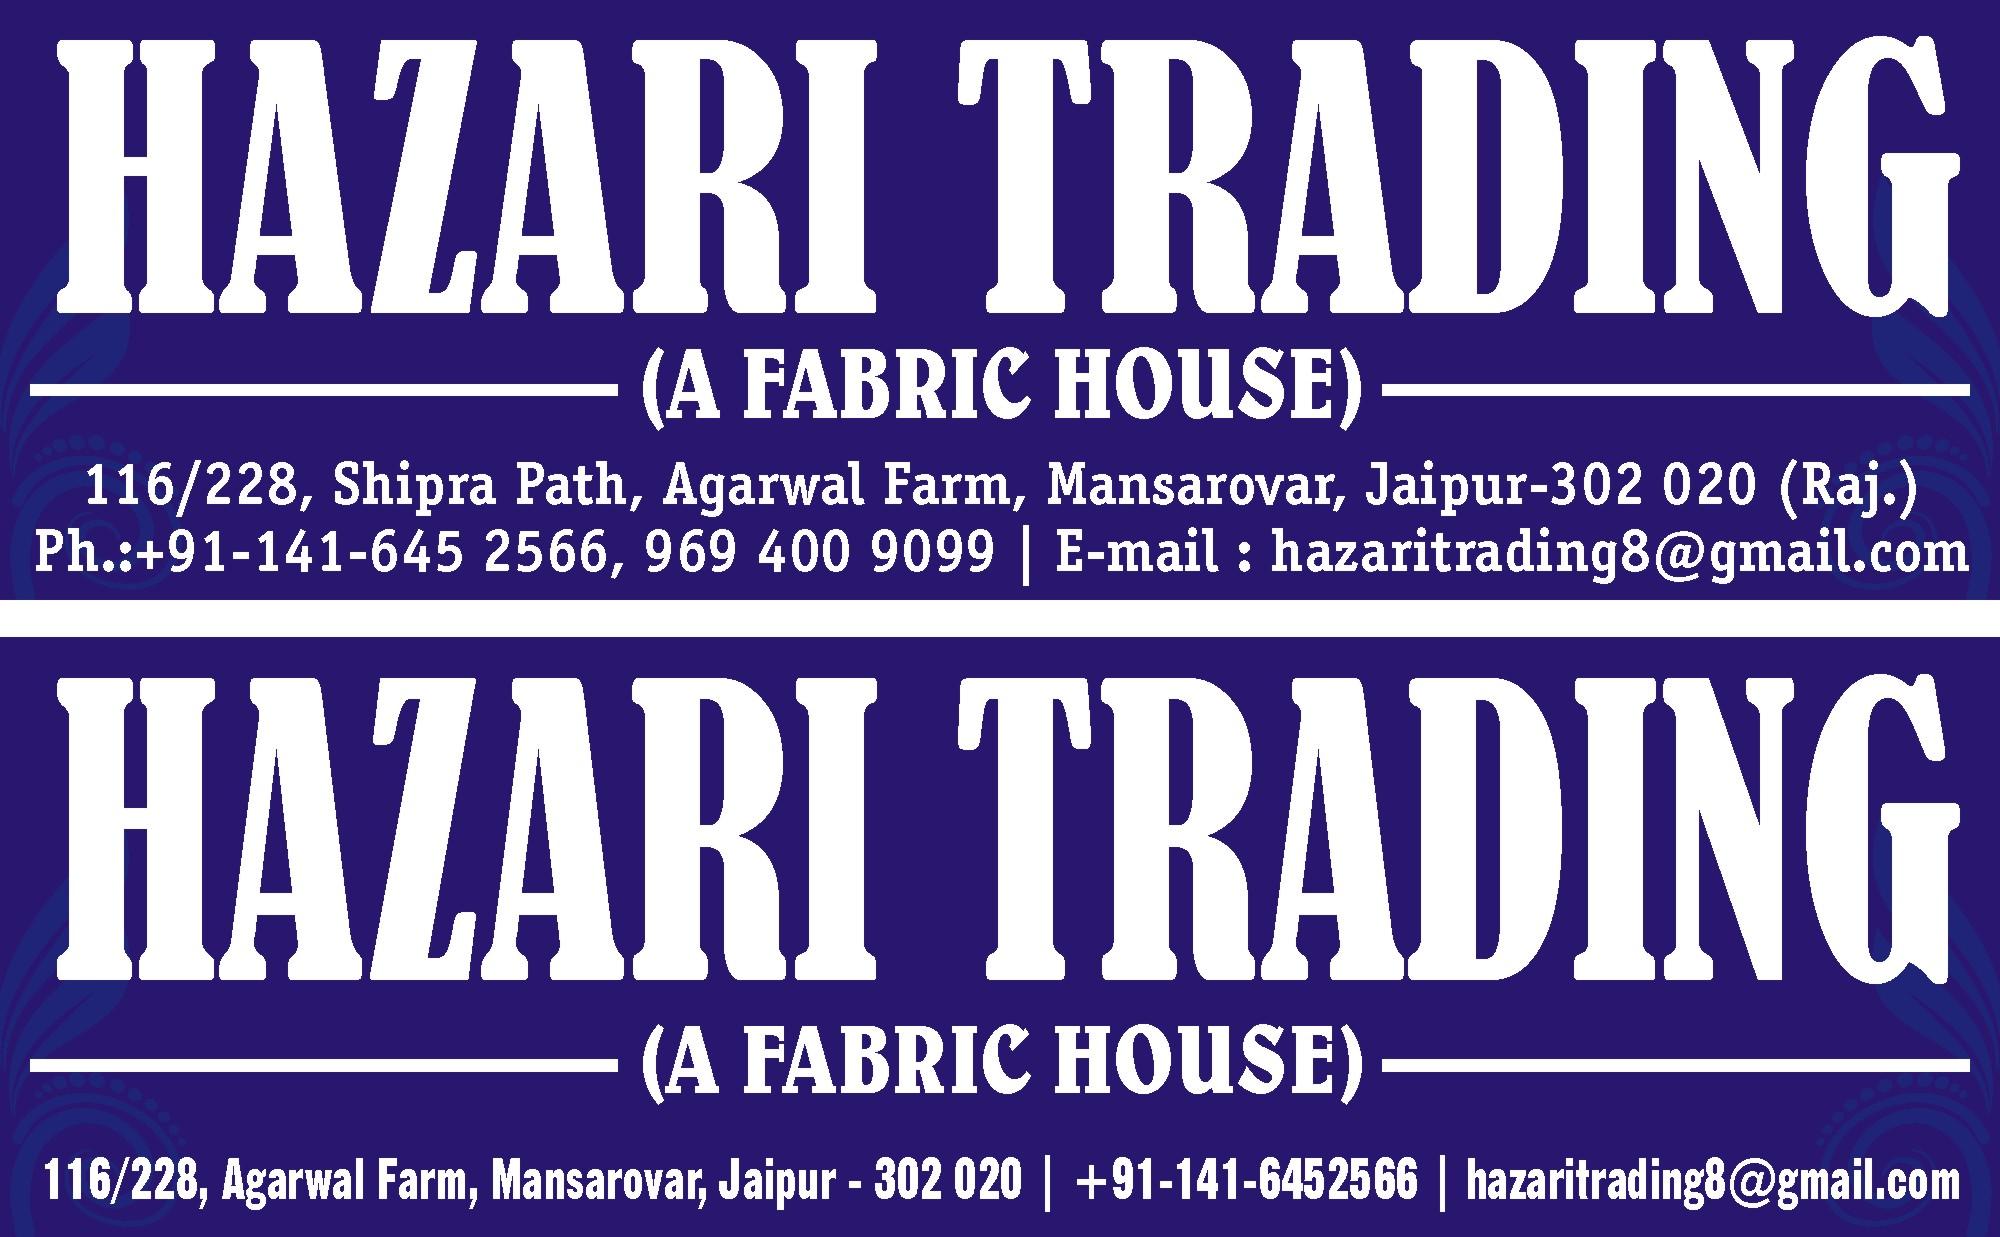 HAZARI TRADING